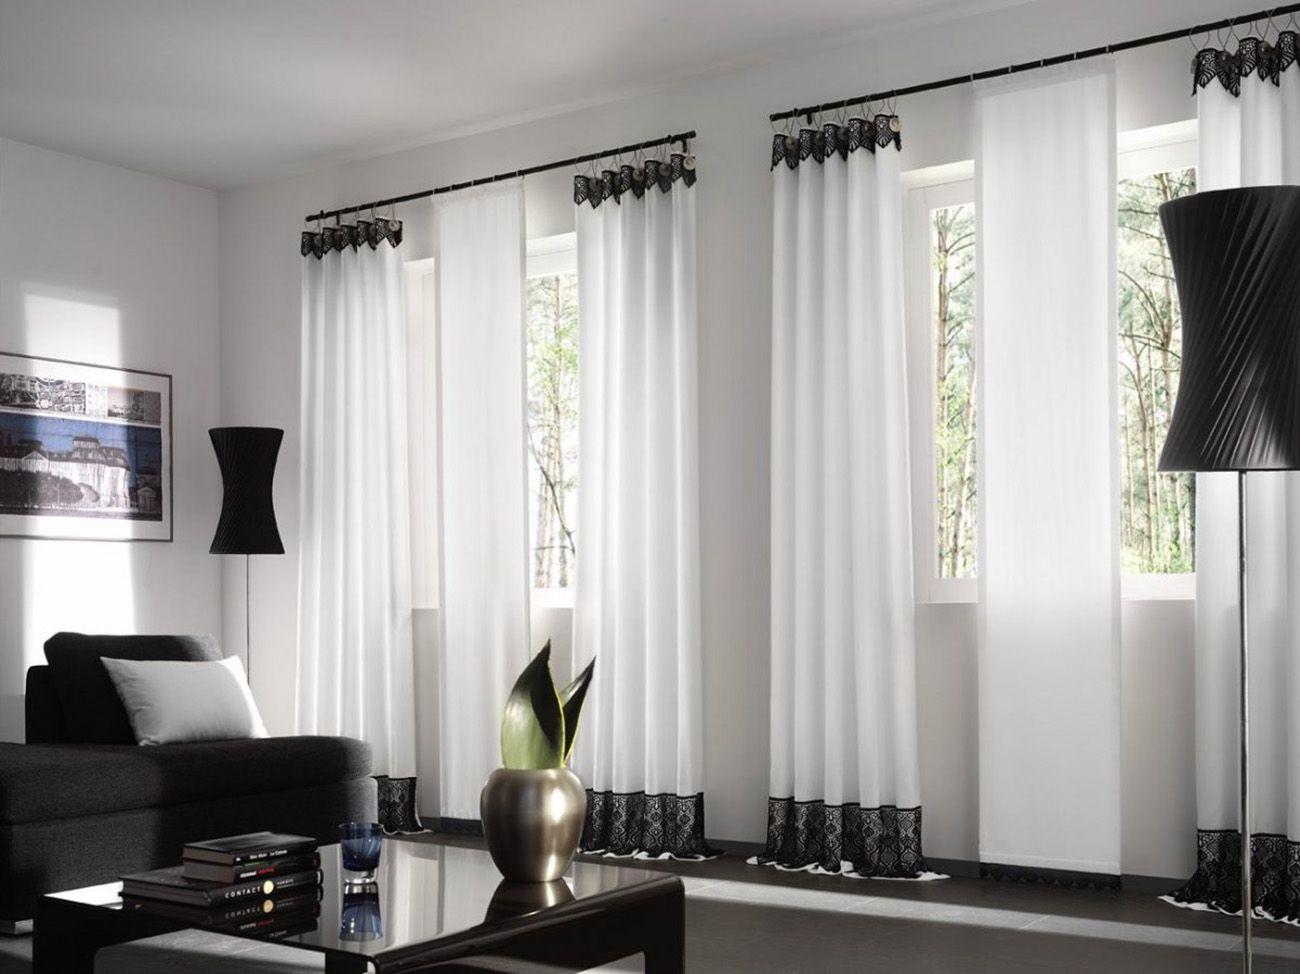 фото шторы для гостиной хай тек случаю векового юбилея